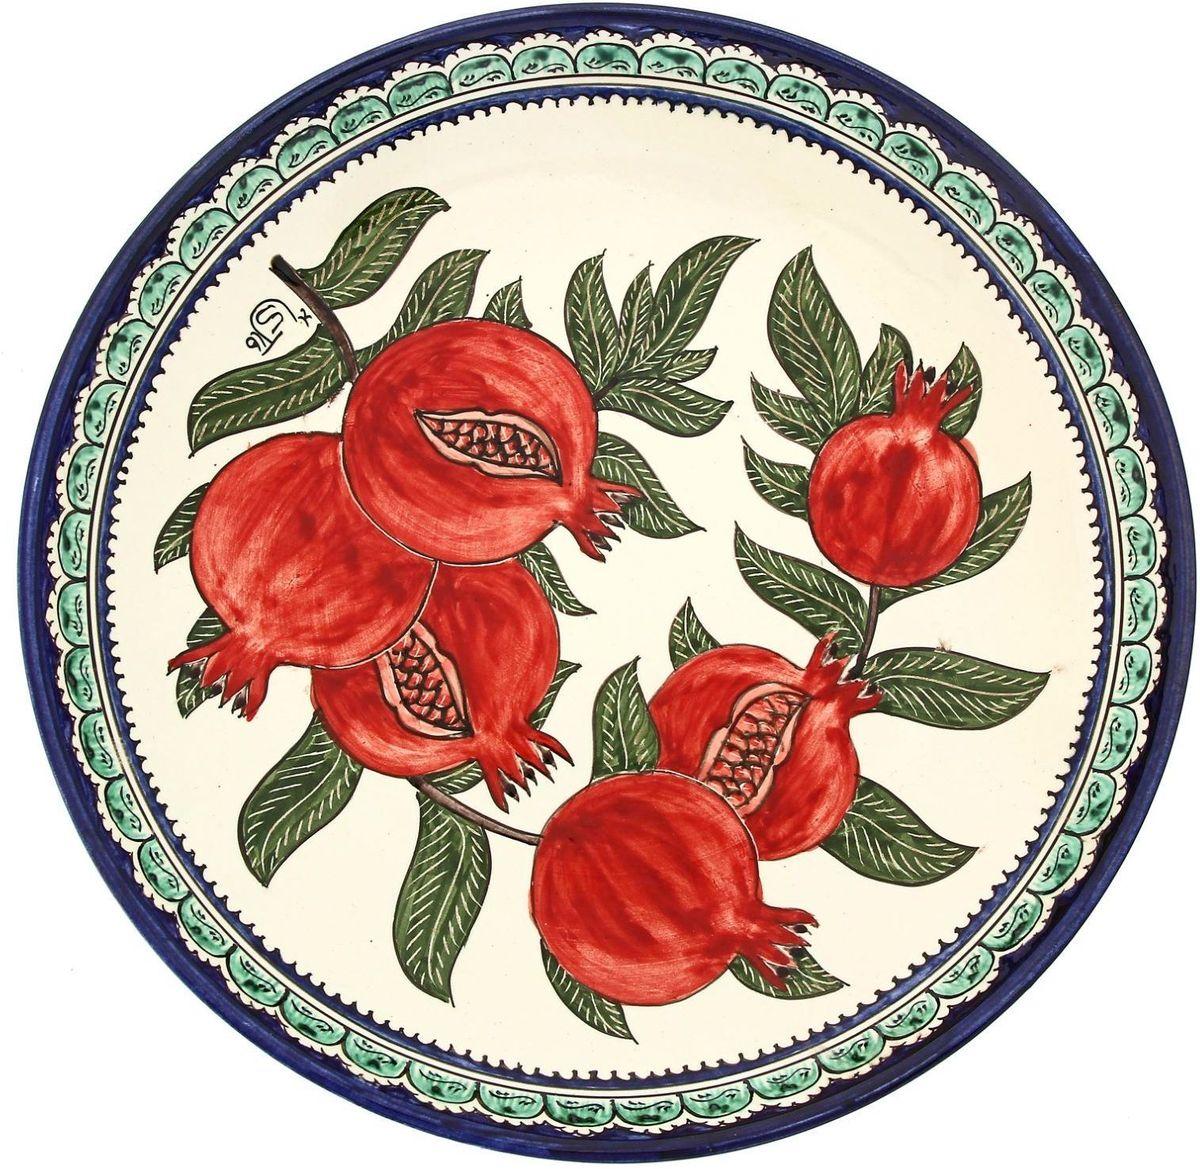 Ляган Риштанская керамика Гранат, диаметр 31 см. 19242121924212Ляган — это не просто обеденный атрибут, это украшение стола. Посуда с национальной росписью станет отменным подарком для ценителей высокородной посуды.Риштан — город на востоке Узбекистана, один из древнейших в Ферганской долине. С давних времён Риштан славится своим гончарным искусством изготовления цветной керамики. Красноватую глину для изделия добывают в самом городе. Мастера утверждают, что их глина настолько высокого качества, что даже не нуждается в предварительной обработке. Дополните коллекцию кухонных аксессуаров пряными восточными нотами.